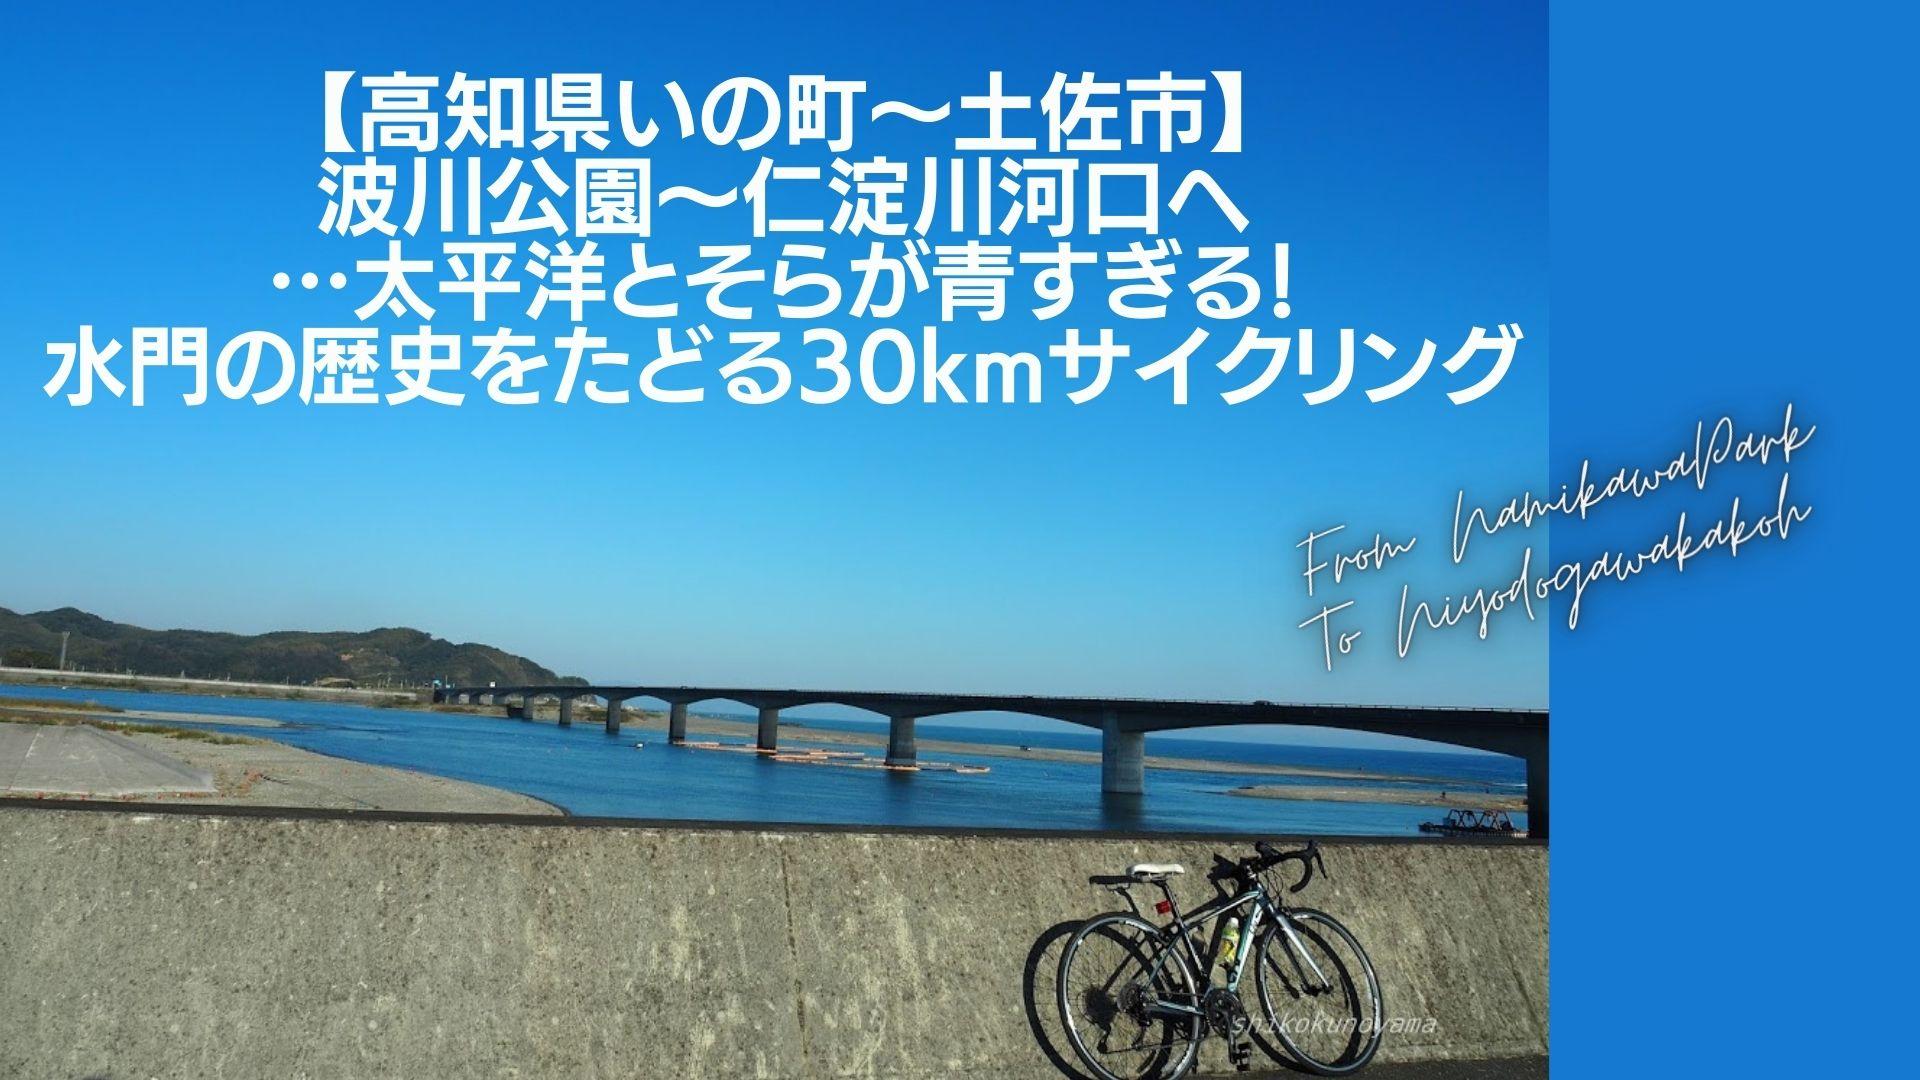 【高知県いの町〜土佐市】波川公園〜仁淀川河口へ…太平洋とそらが青すぎる!水門の歴史をたどる30kmサイクリング